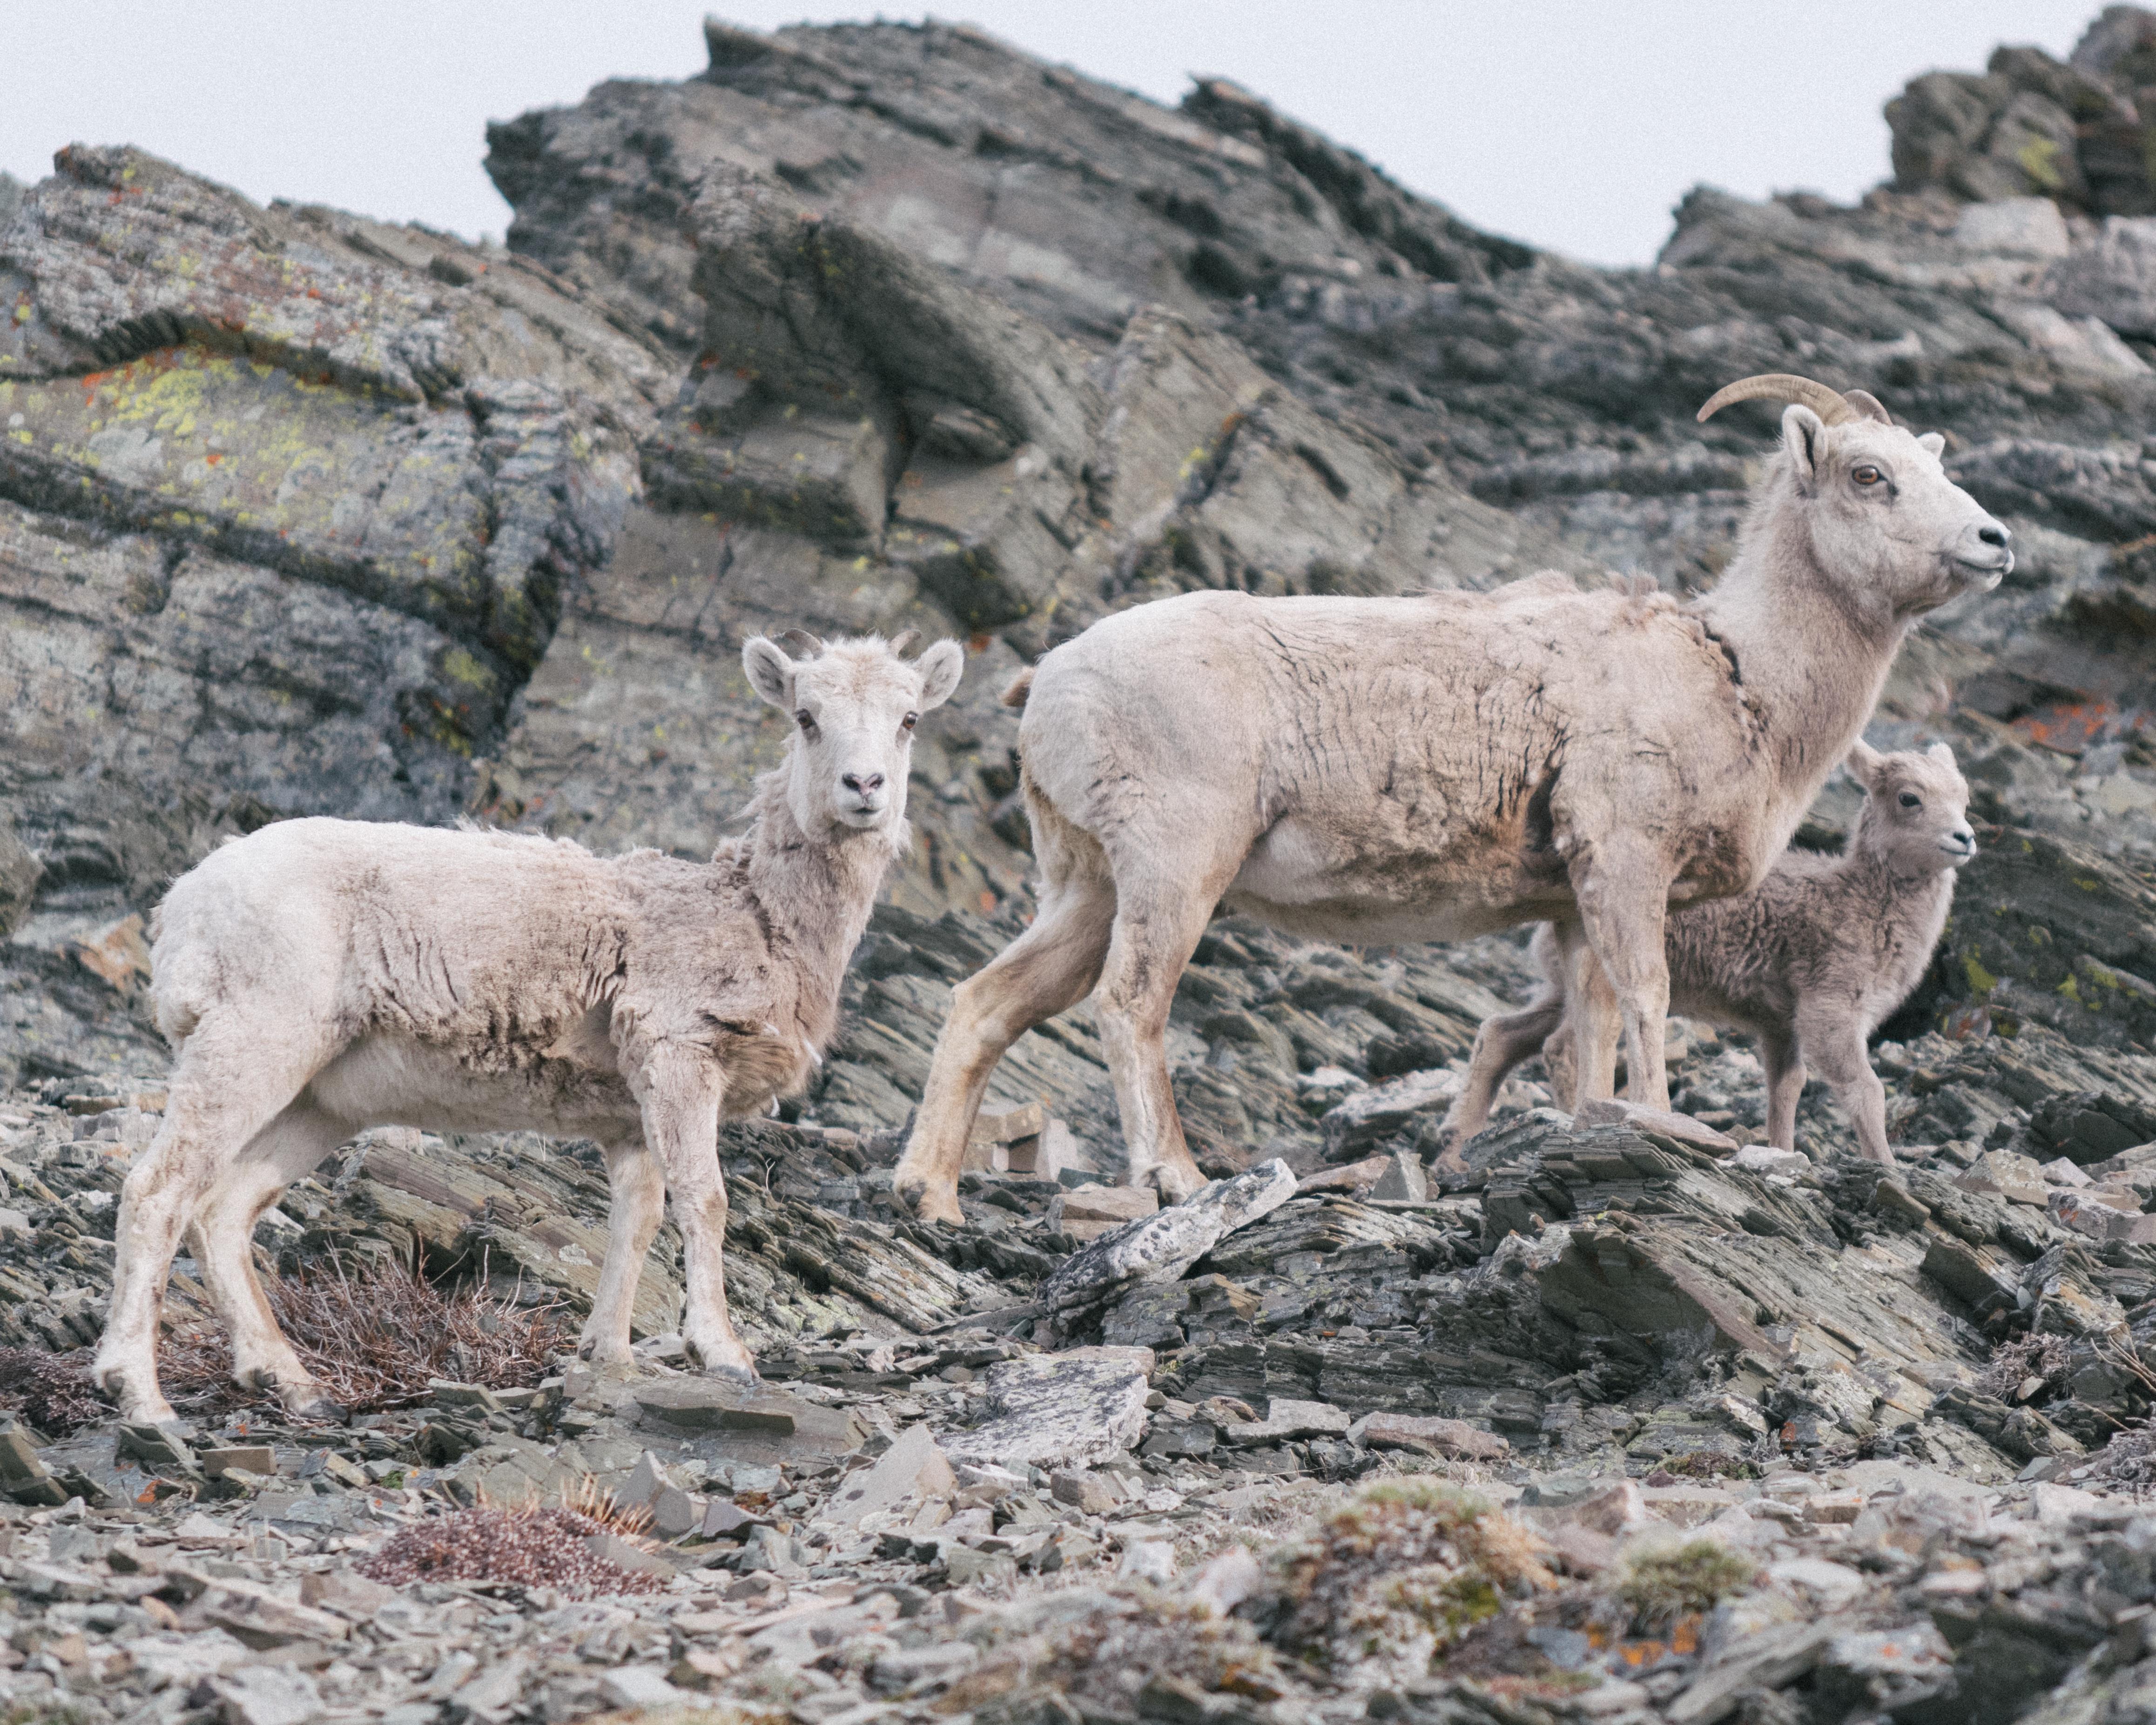 Goats, Rocky, Sheep, Rock, Mountain, HQ Photo